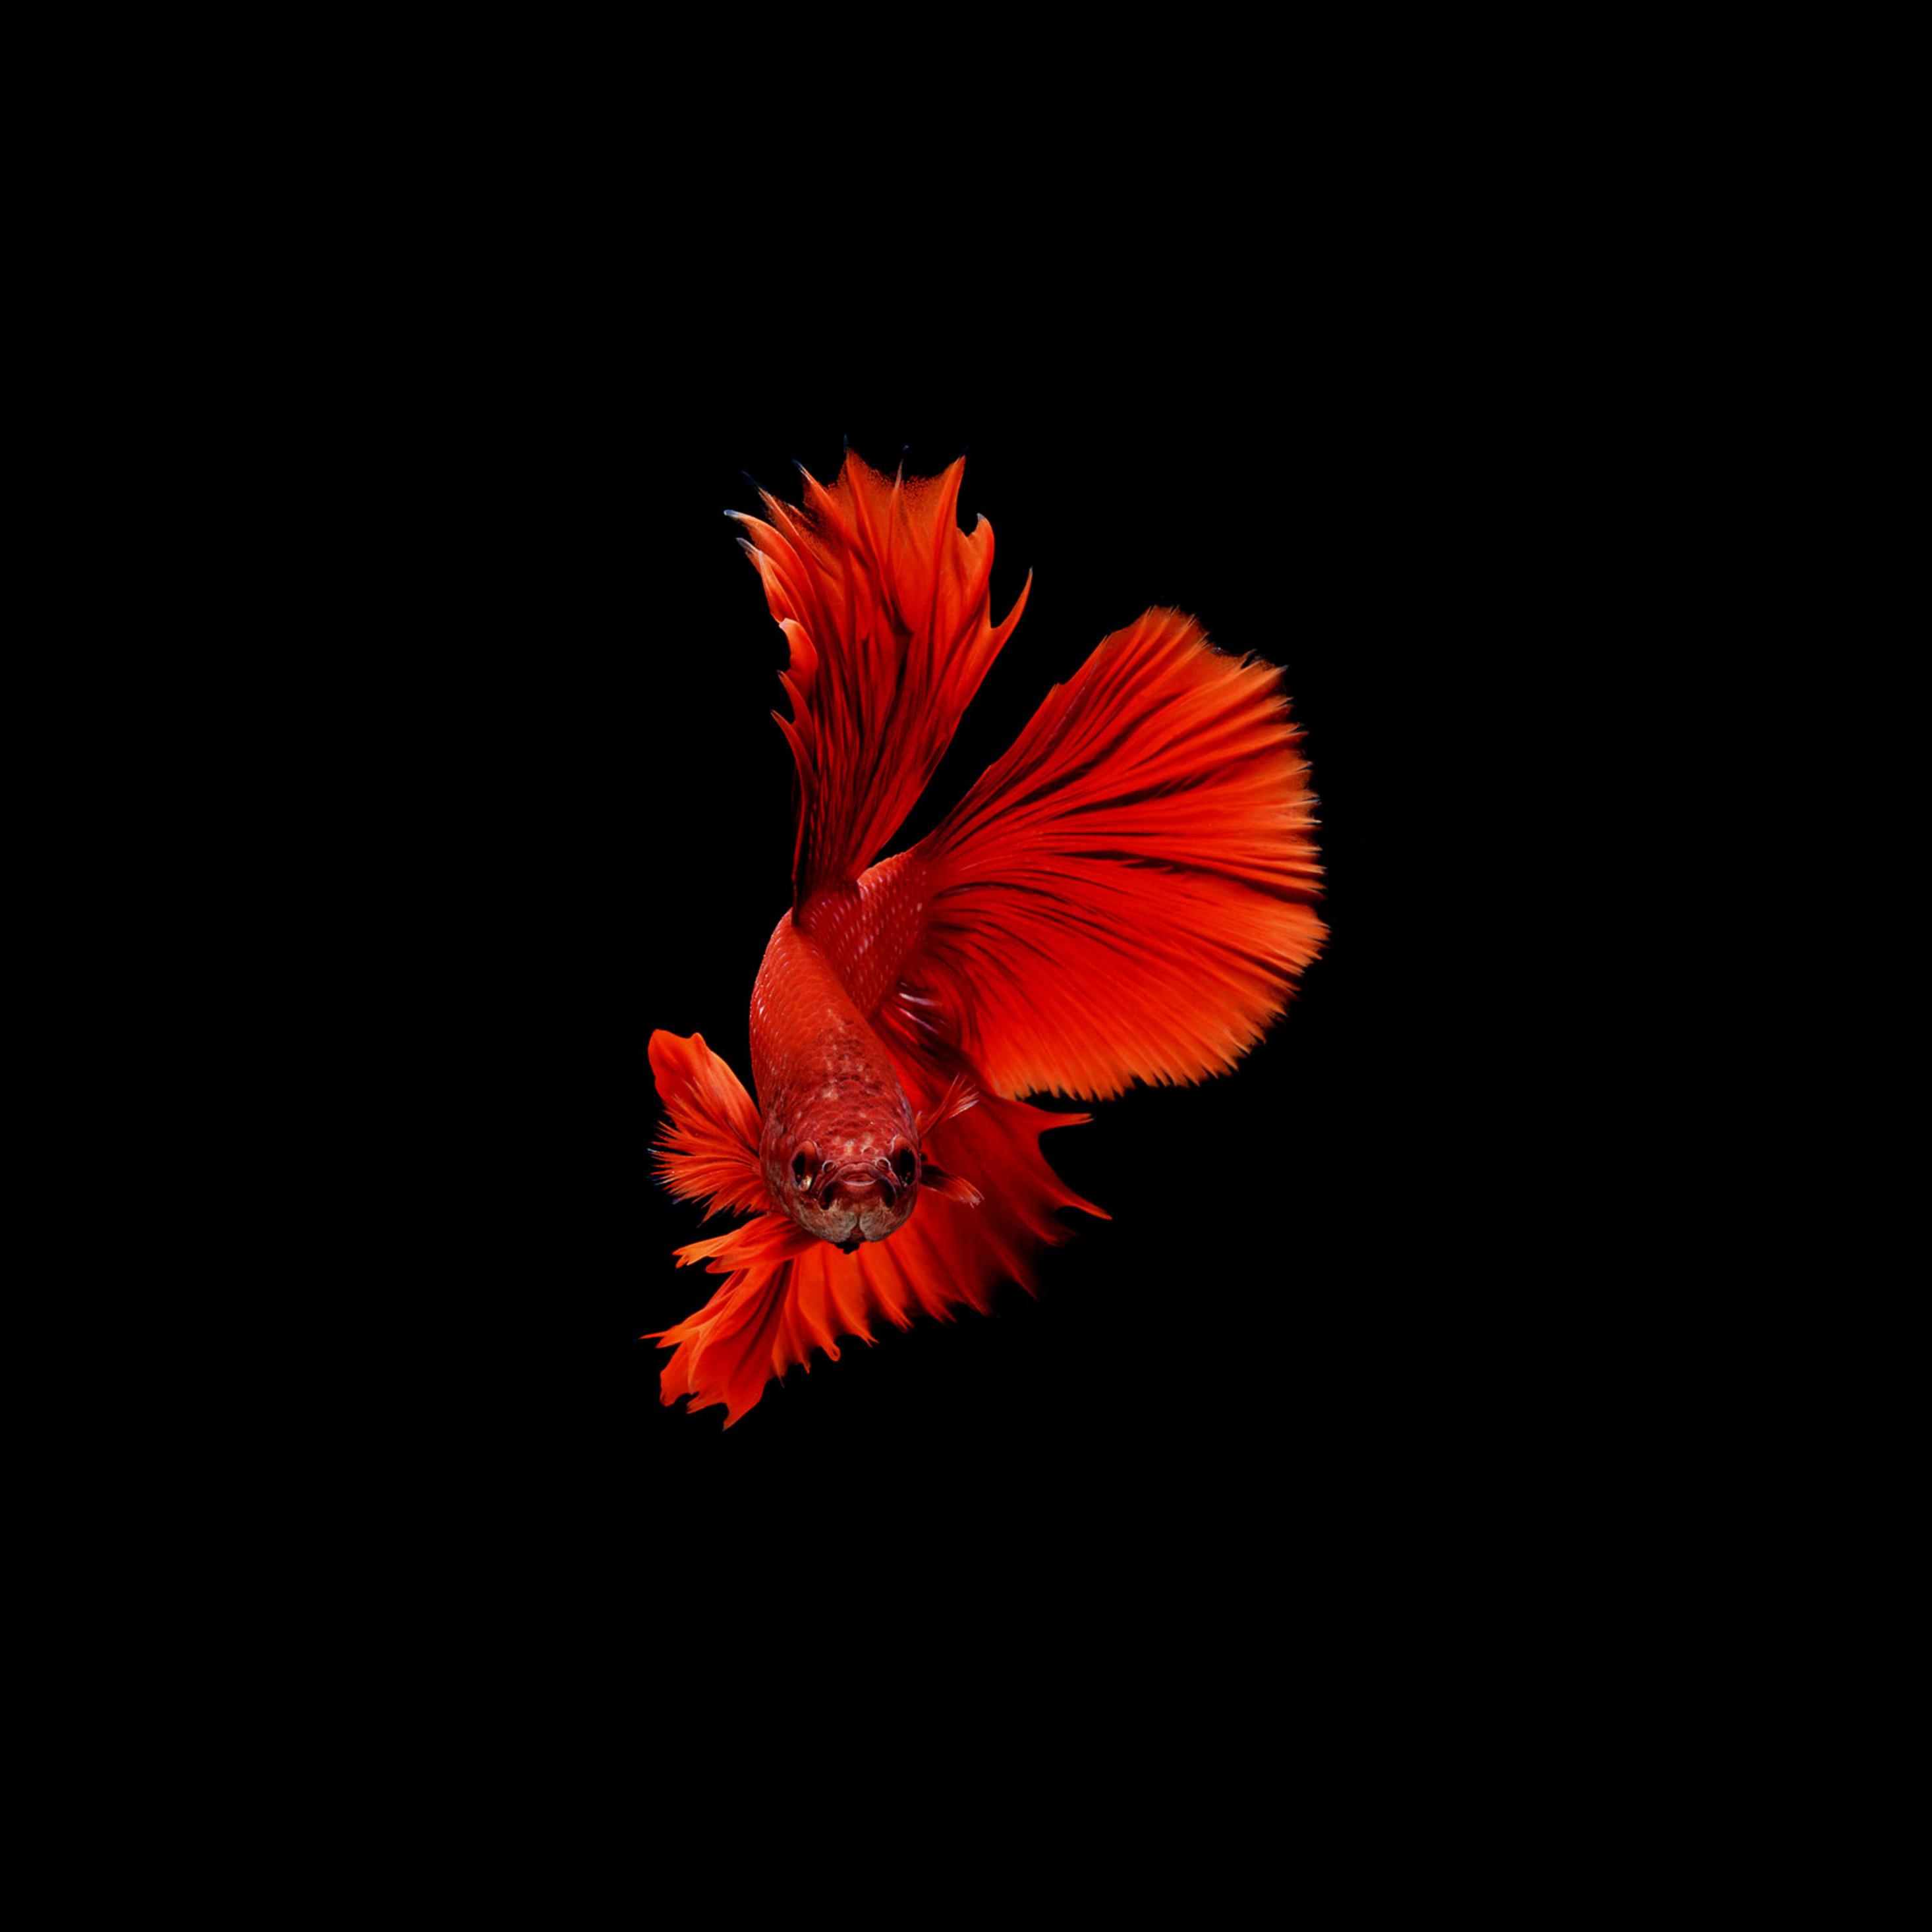 بالصور خلفية حمراء , خلفيات حصرية باللون الاحمر 4670 6